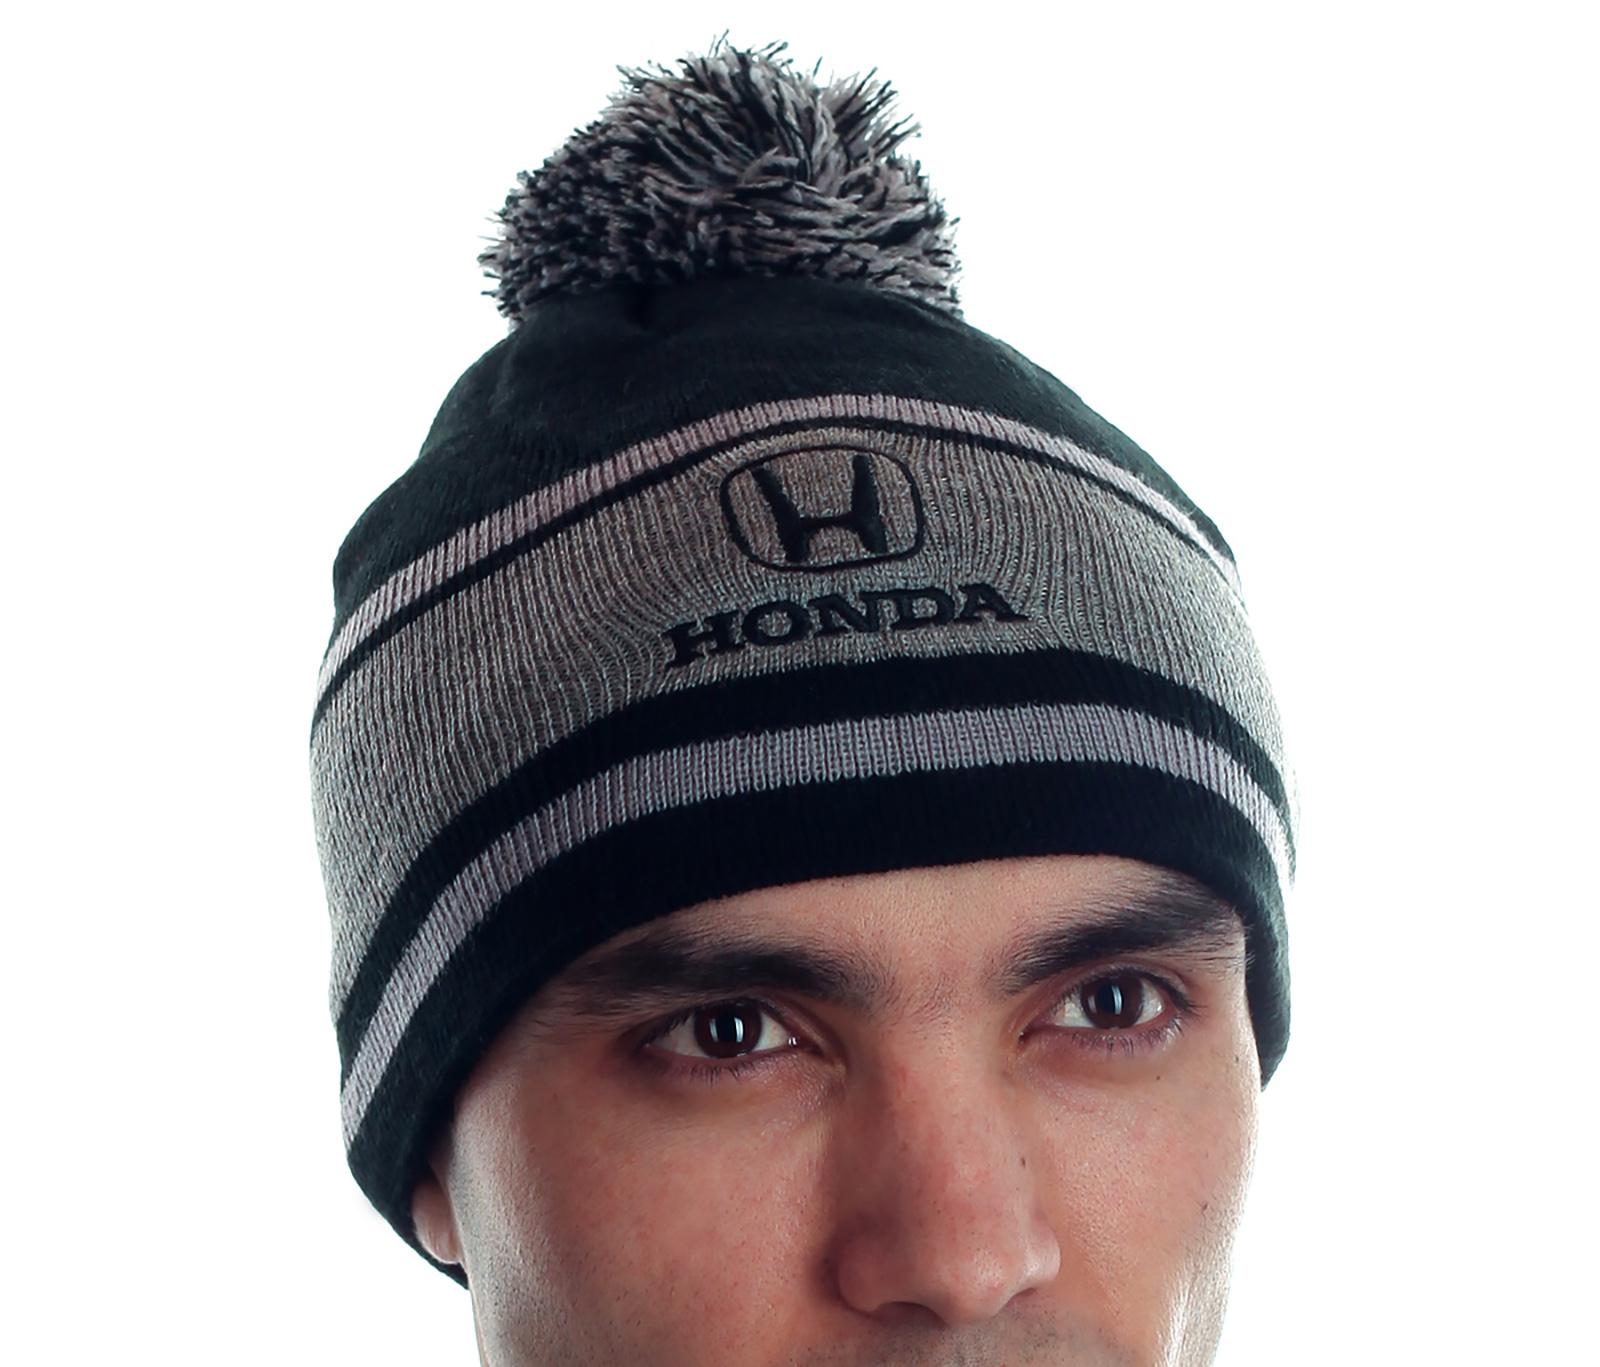 Мужская шапка владельцам автомобилей солидного бренда Хонда